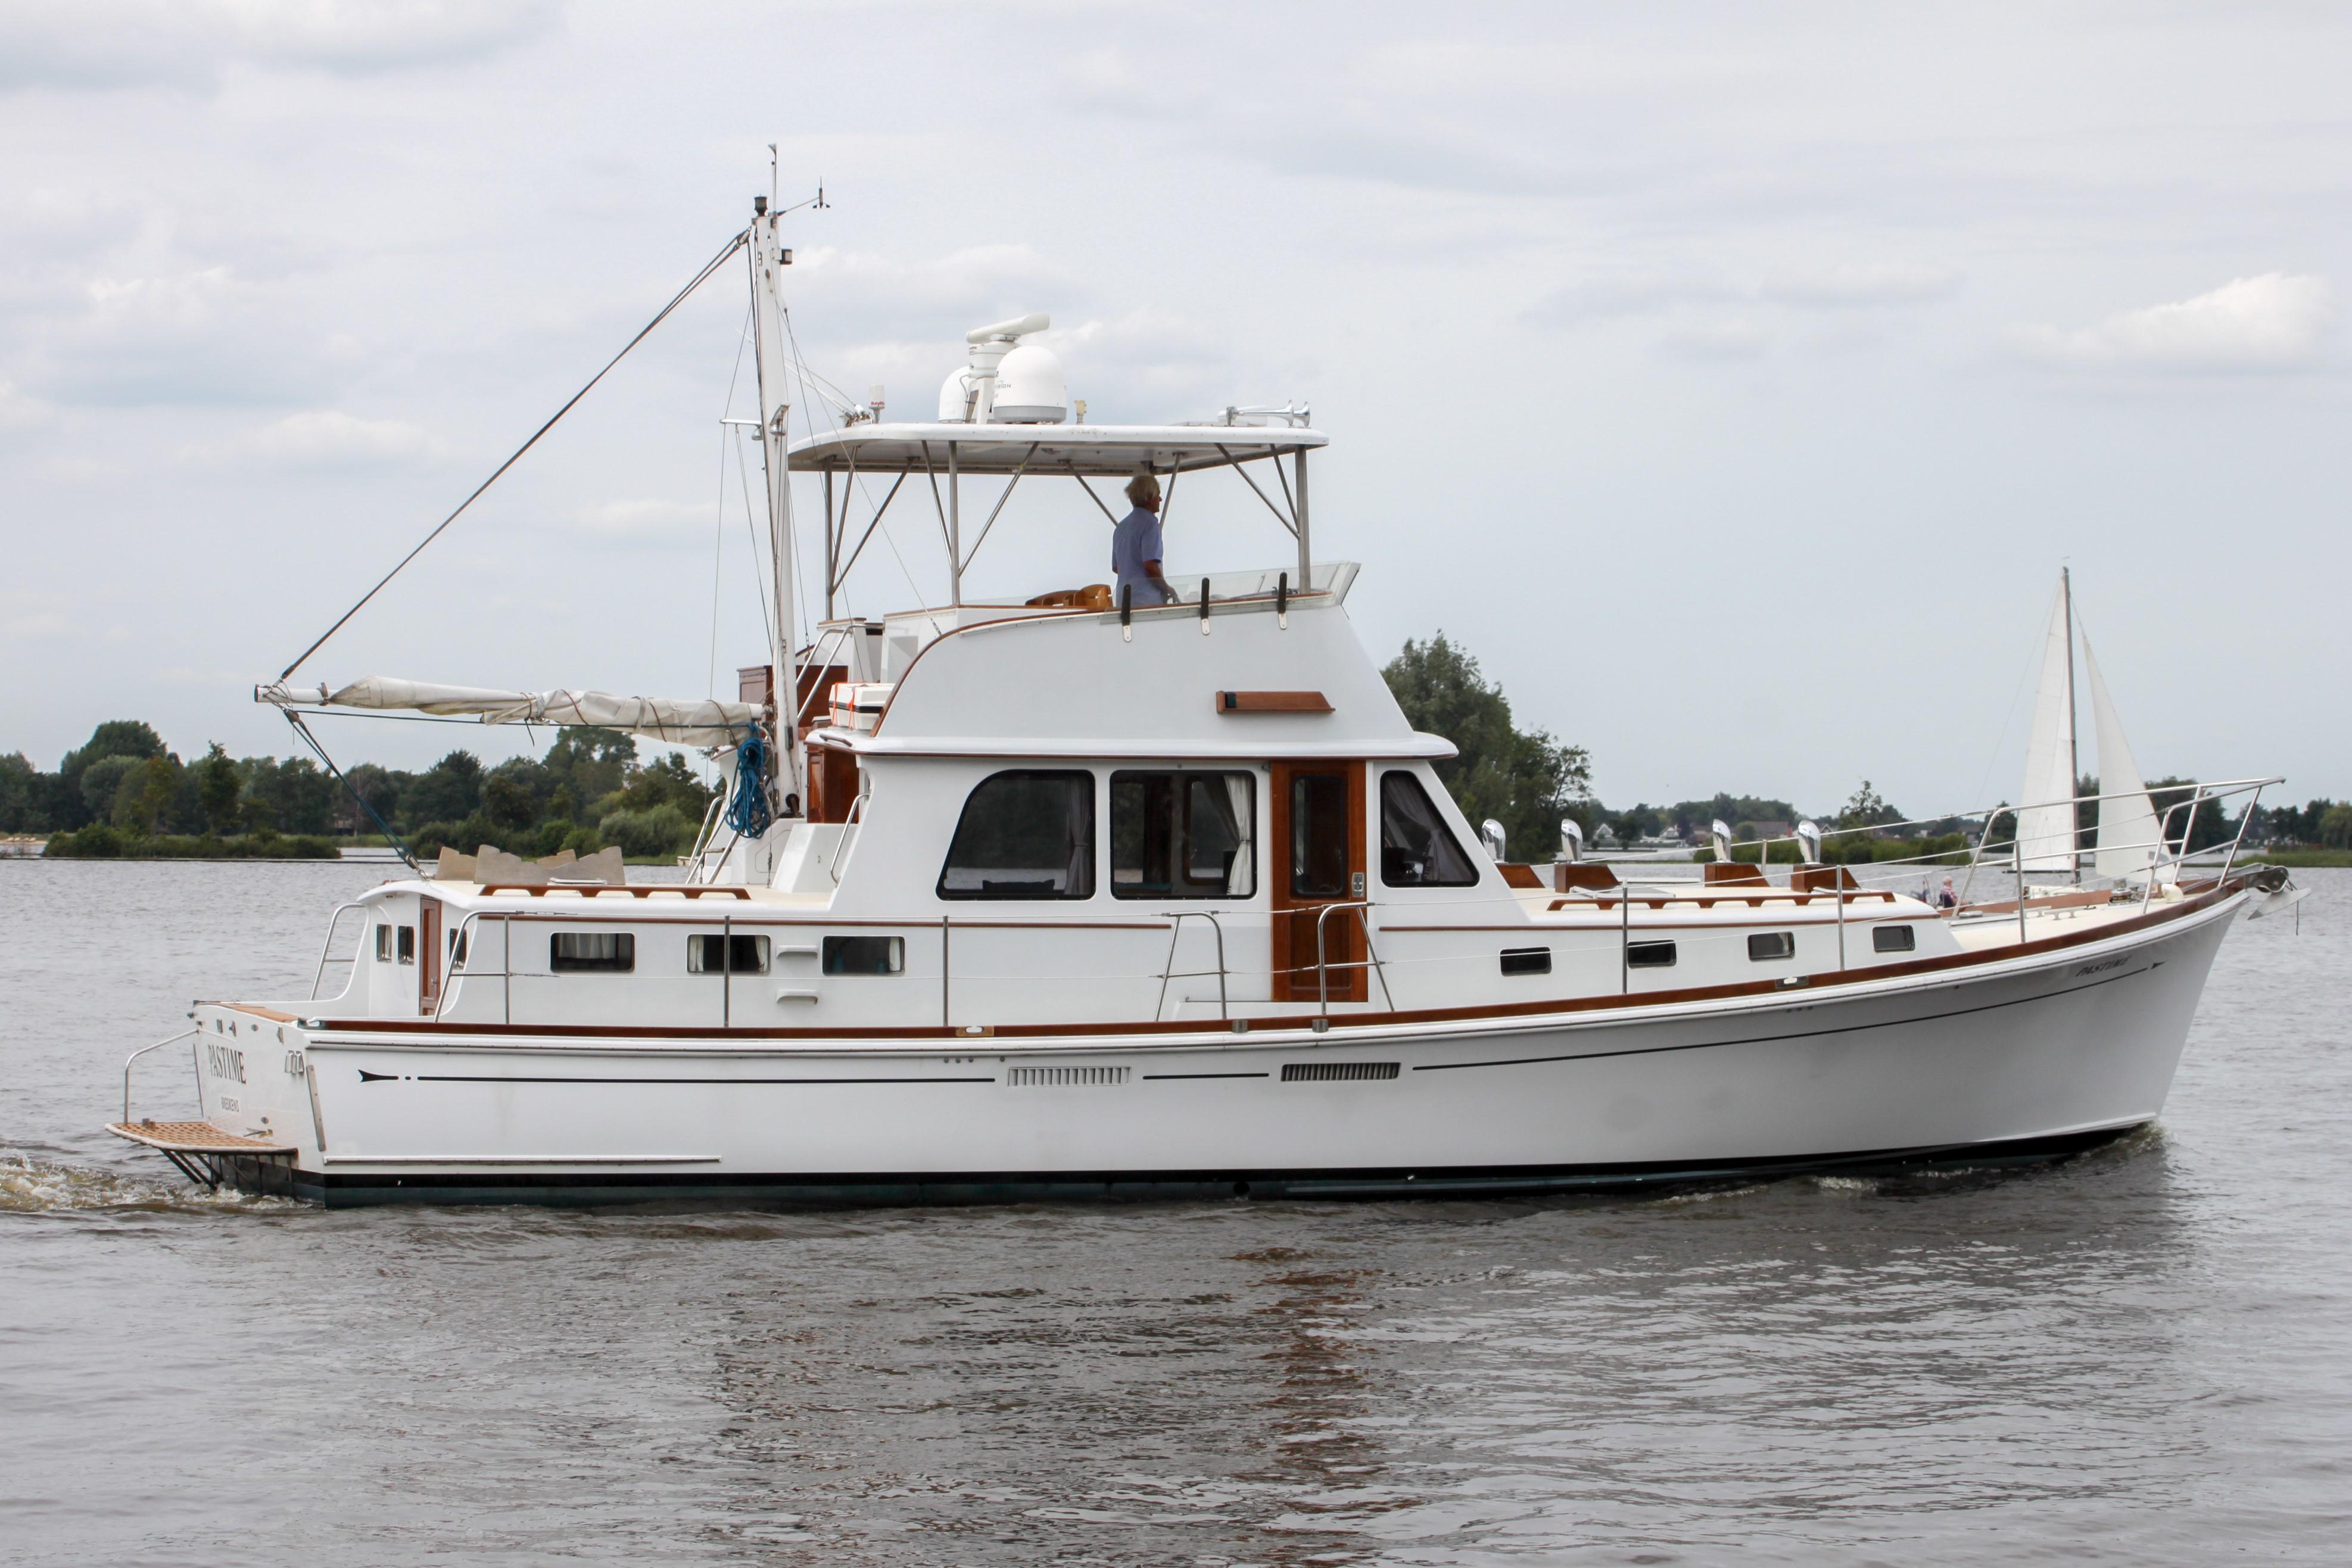 1992 Lyman Morse 48 Power Boat For Sale Wwwyachtworldcom